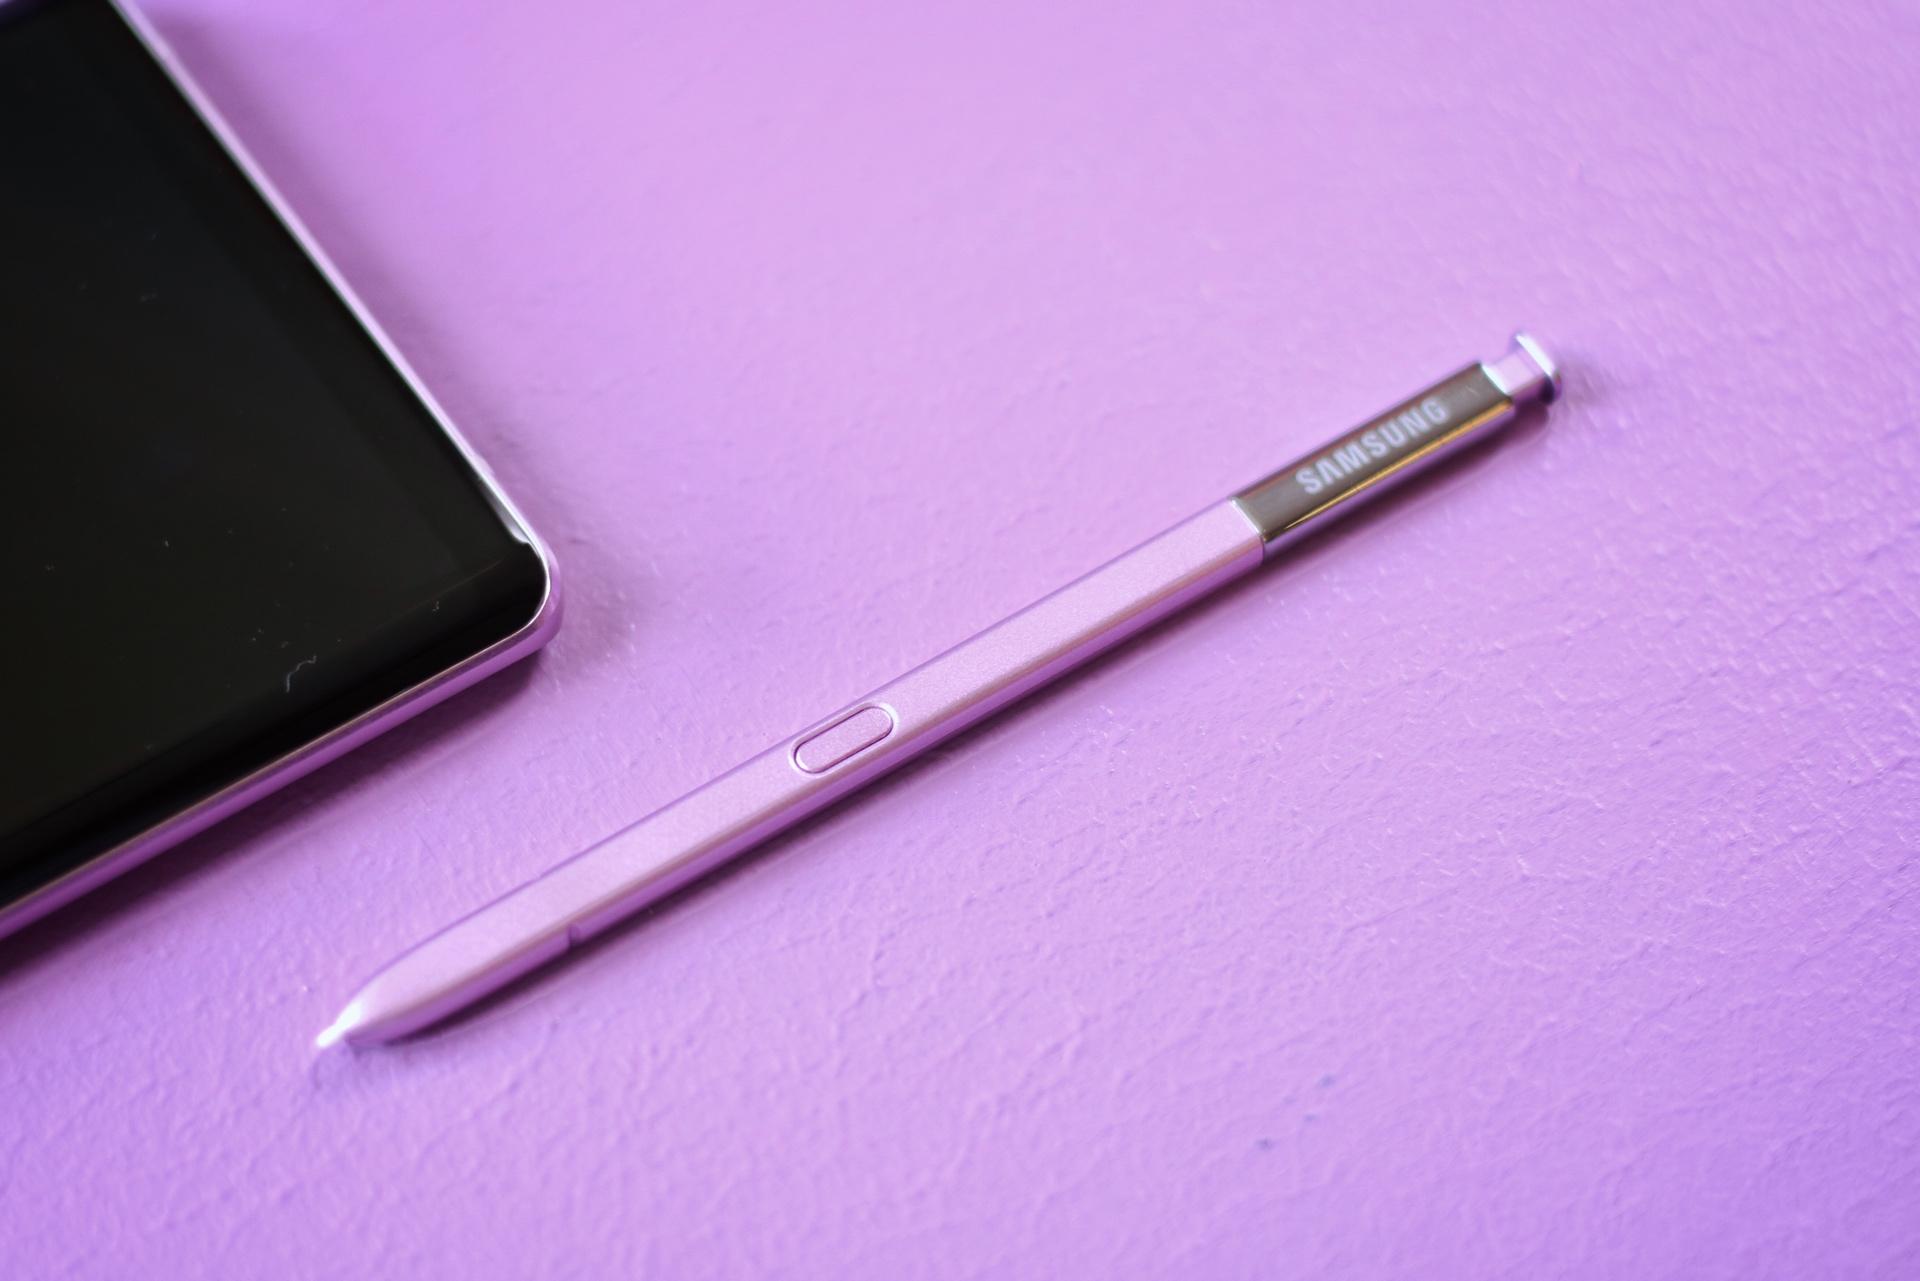 三星 Galaxy Note 9 上手体验:S Pen是点睛之笔的照片 - 8